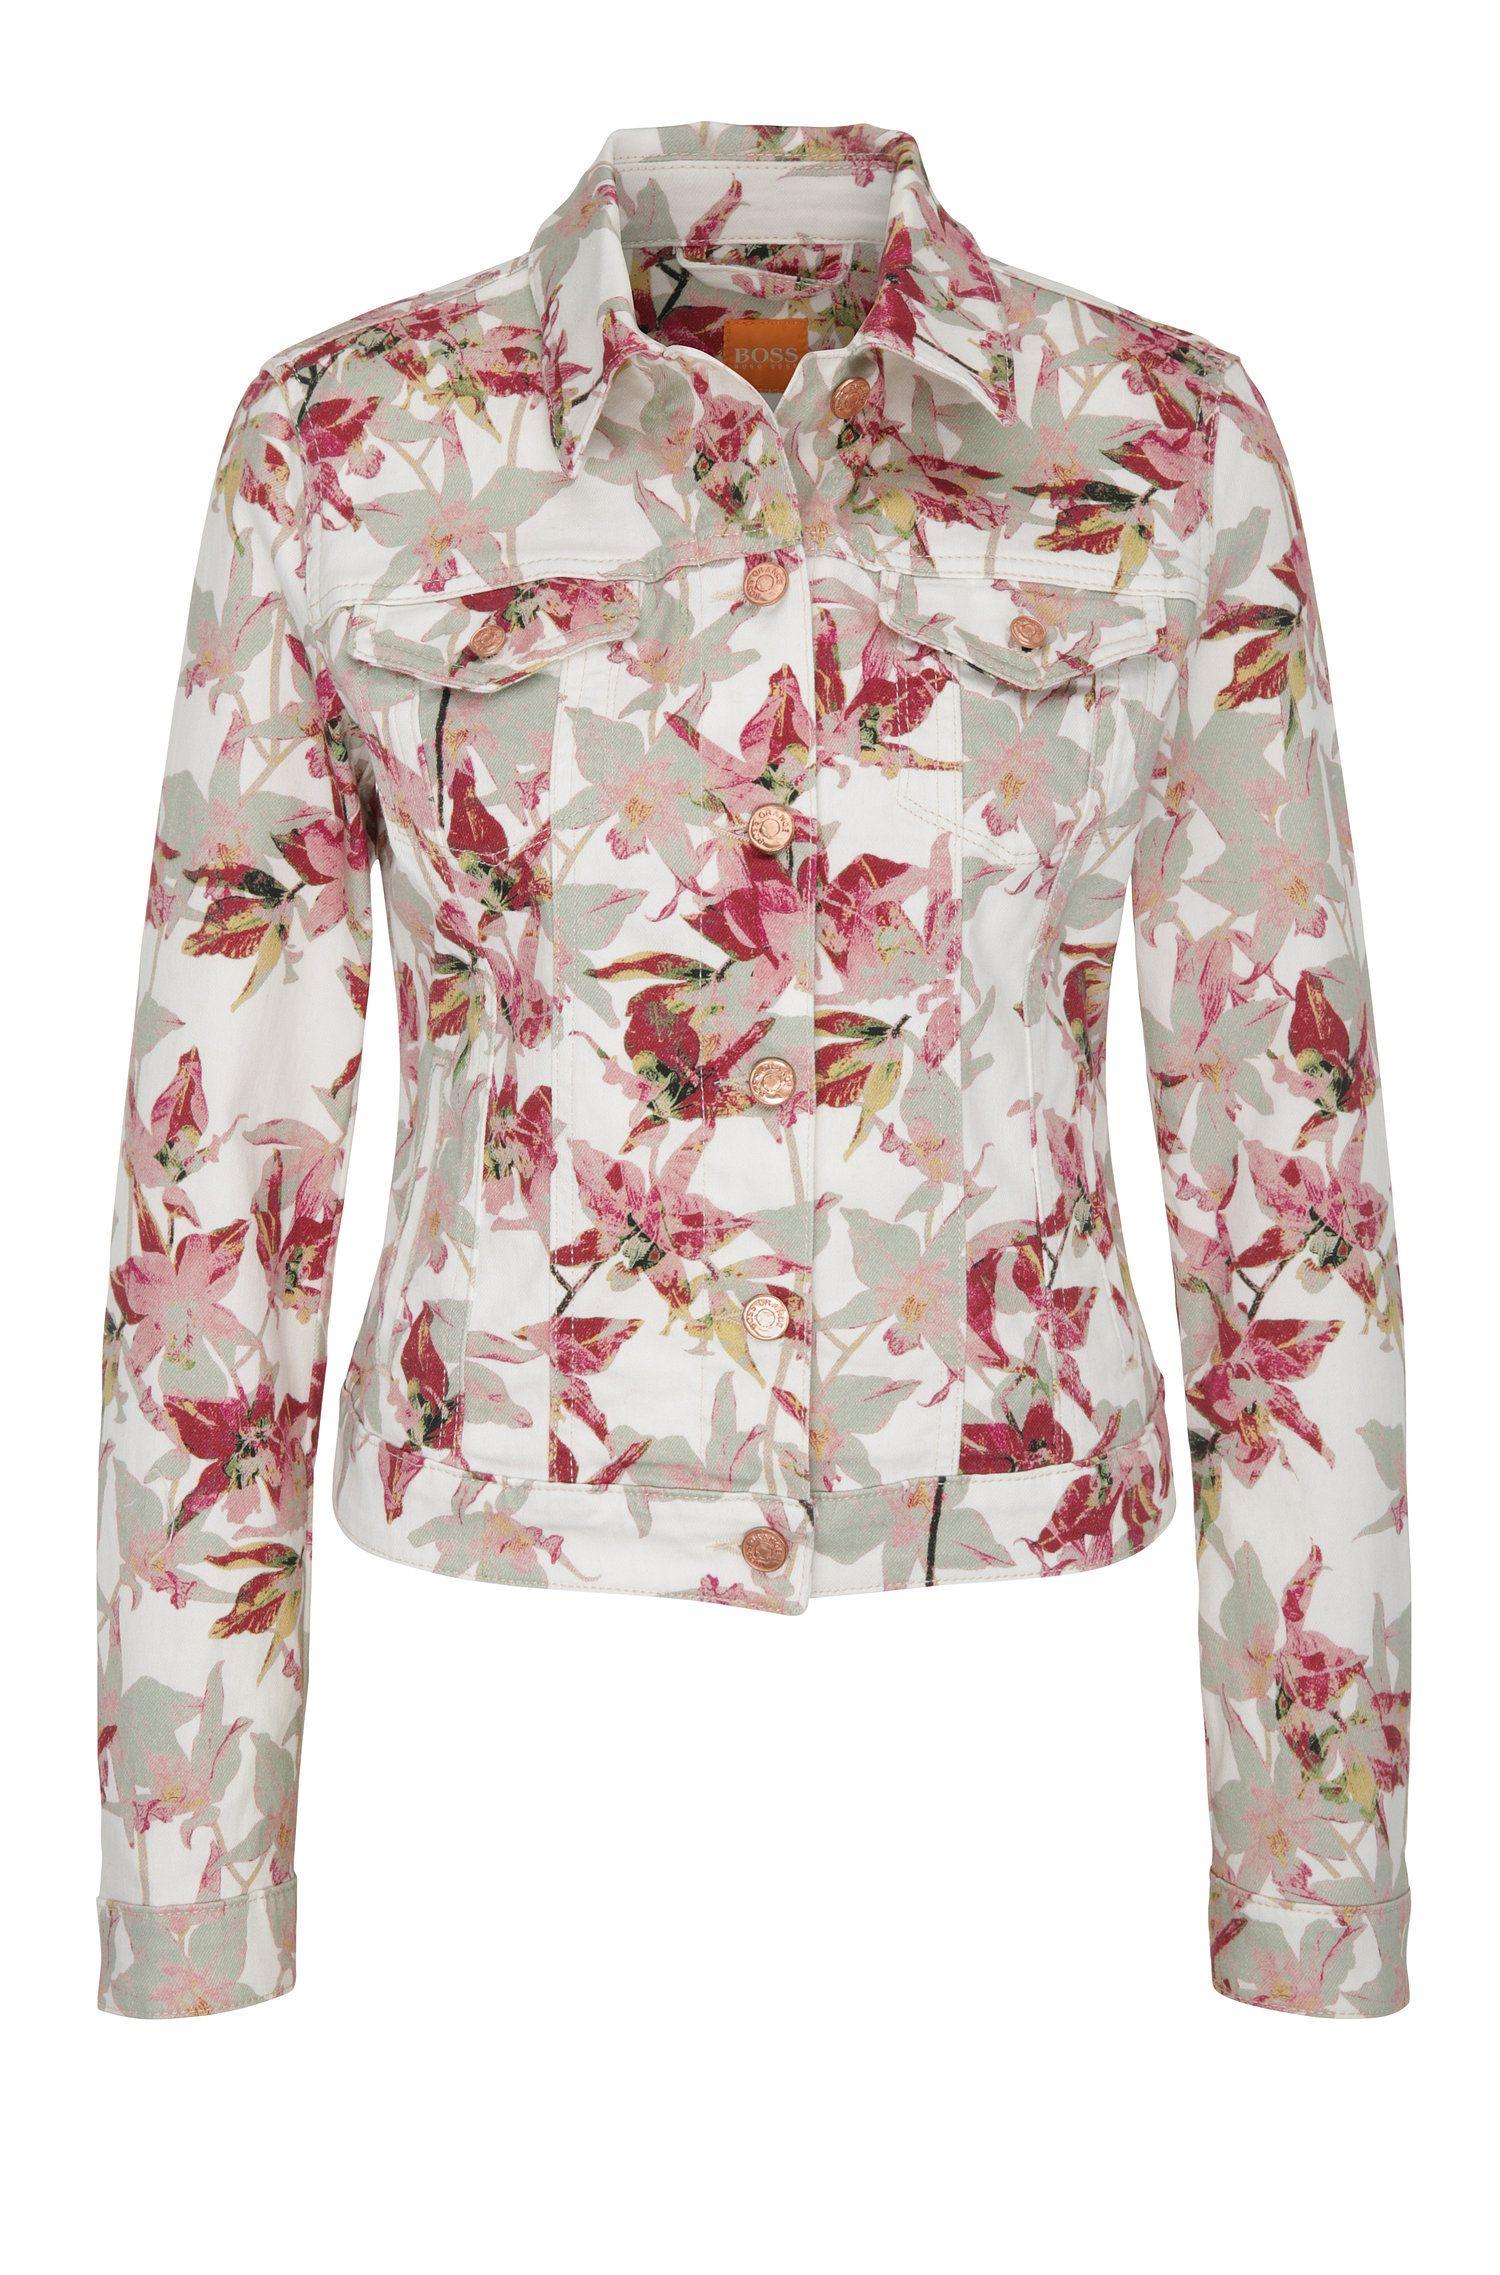 Veste en jean de coton mélangé extensible, à motif fleurs: «Orange J90 Portland»